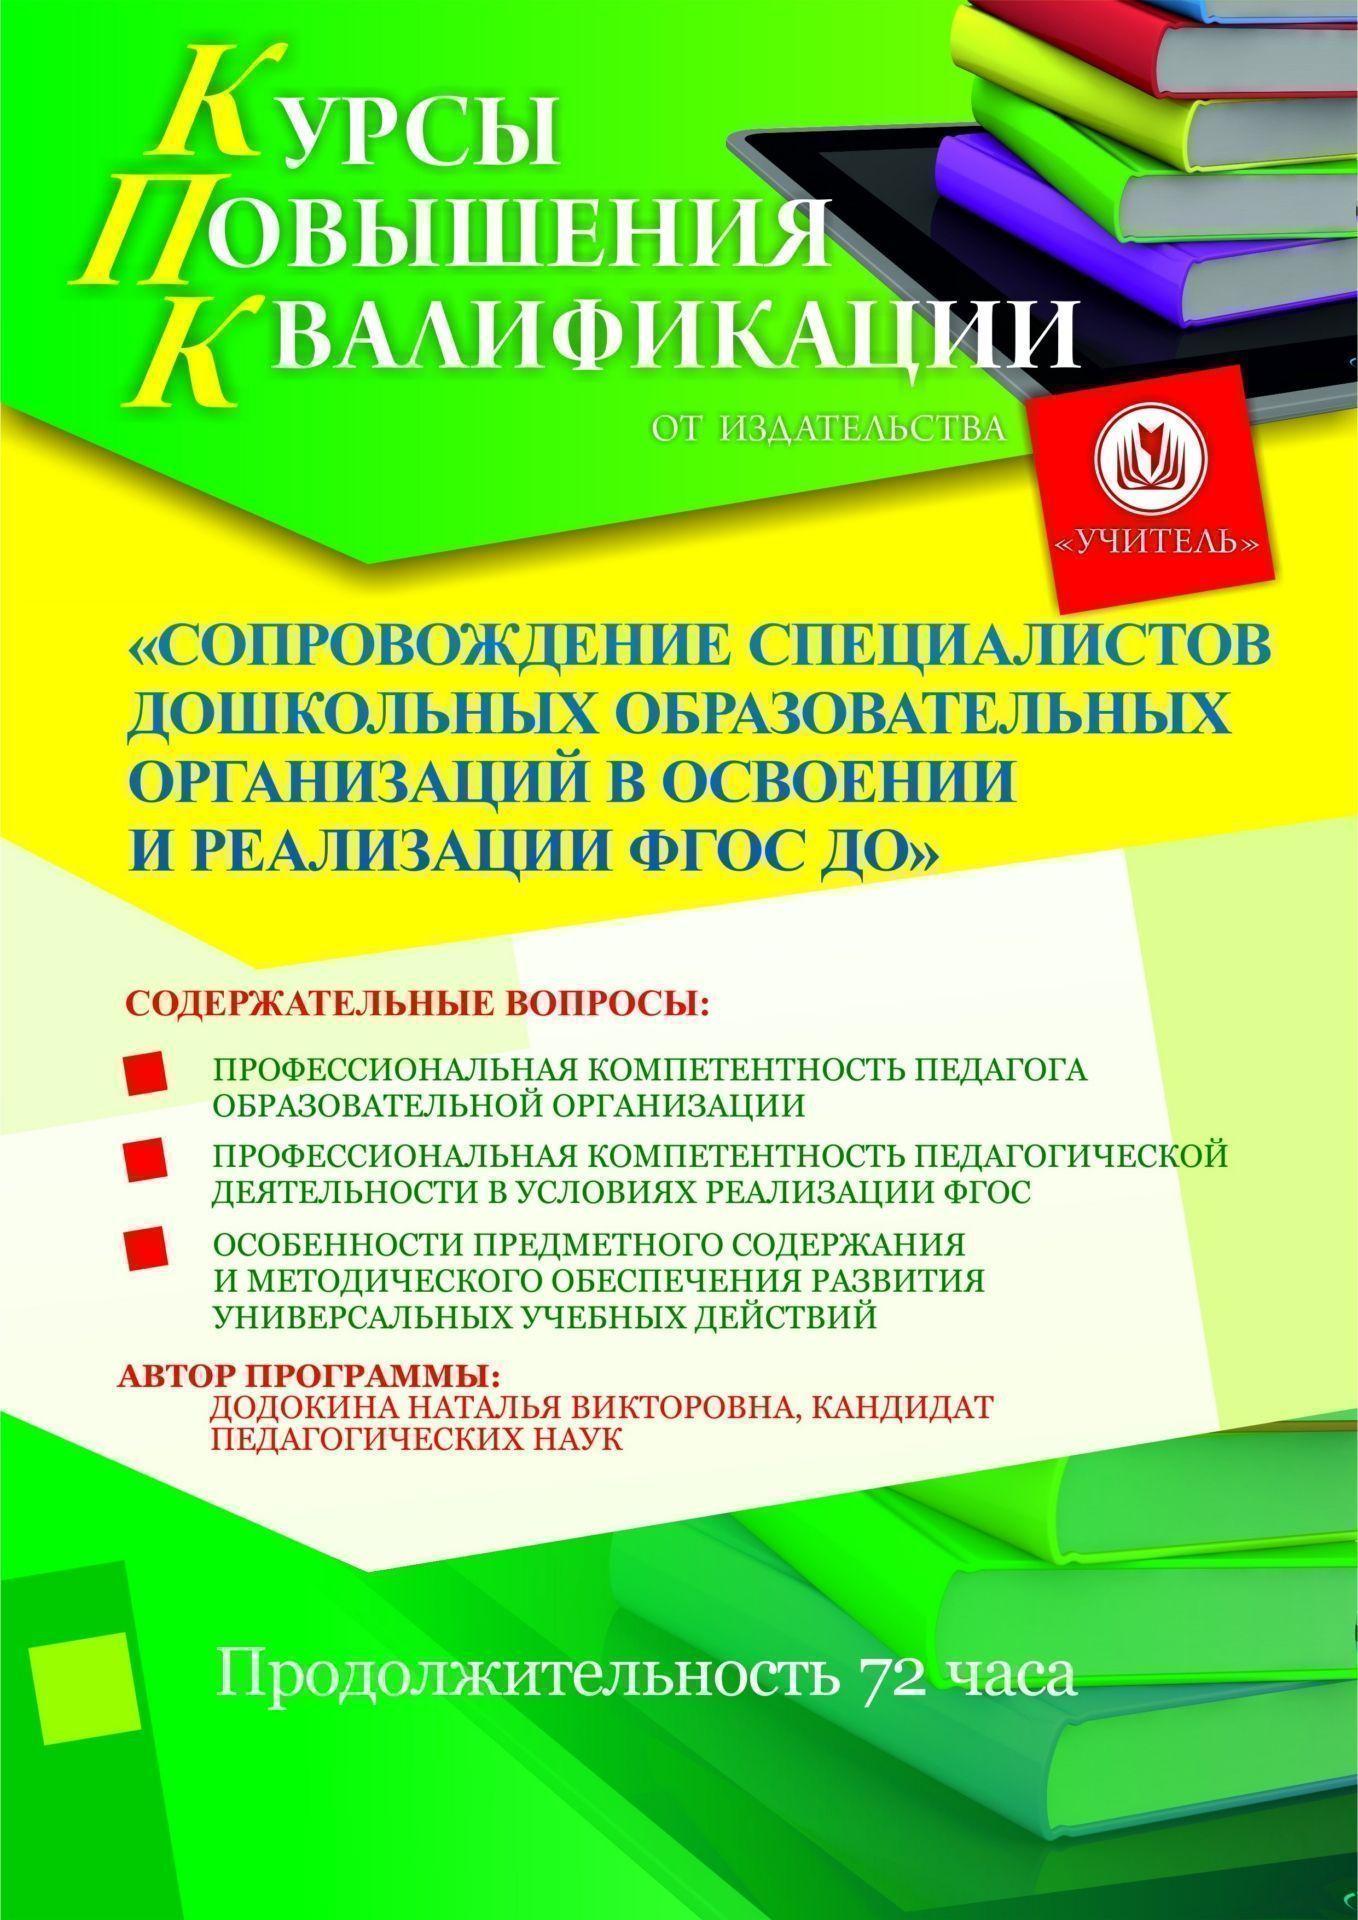 Сопровождение специалистов дошкольных образовательных организаций в освоении и реализации ФГОС ДО (72 ч.) фото